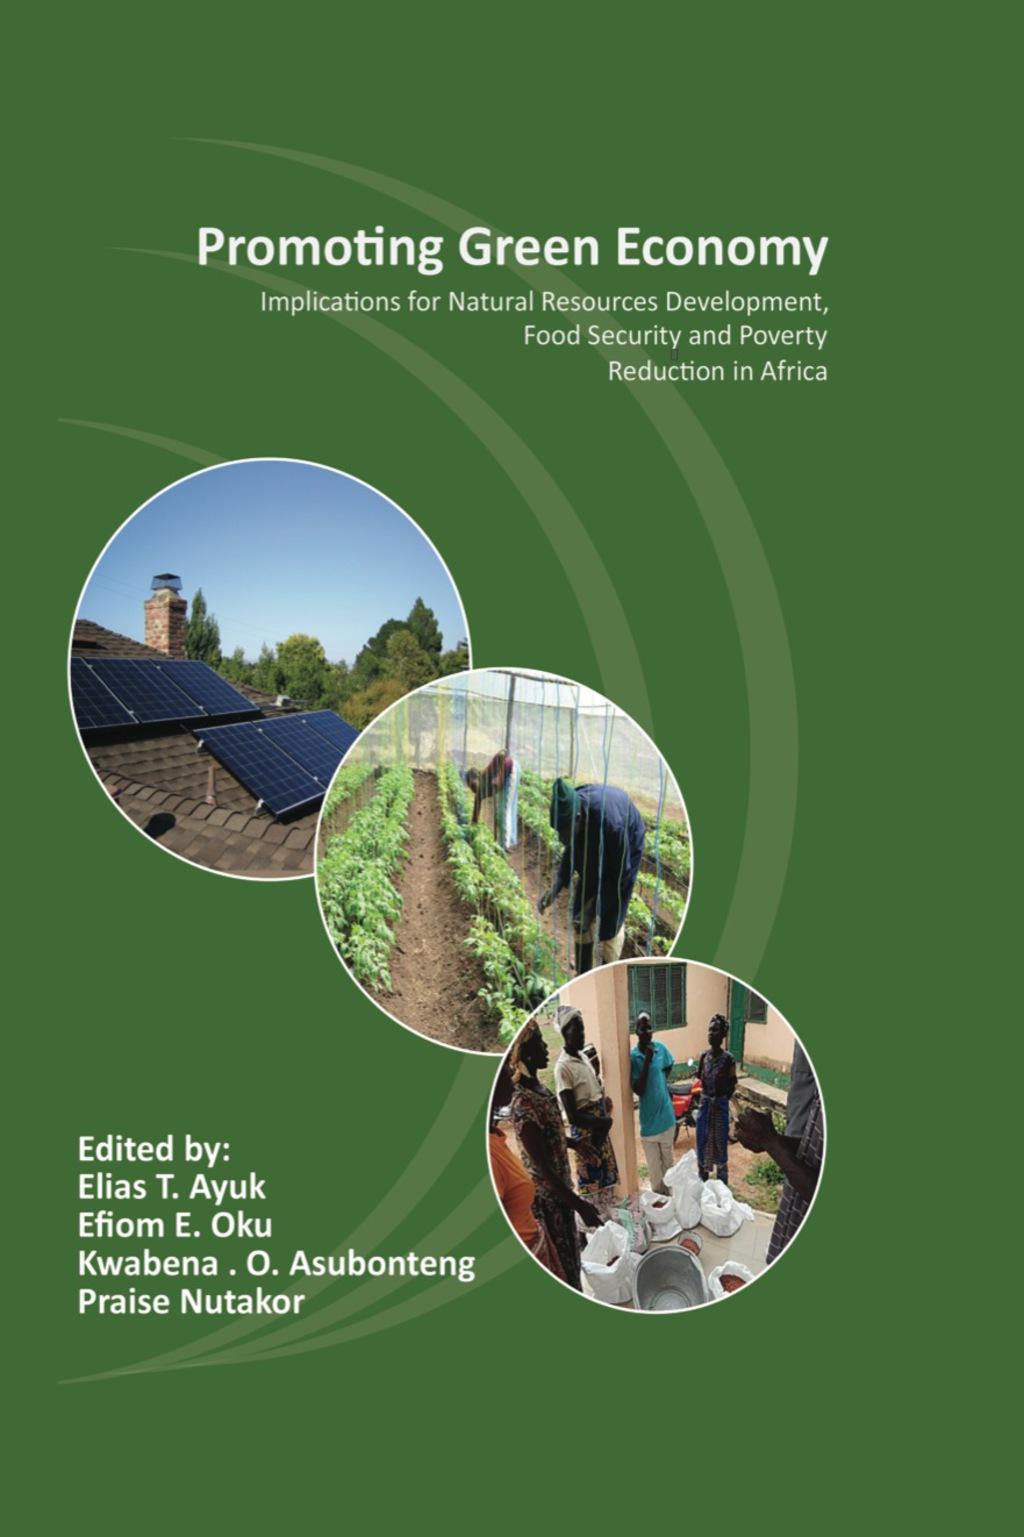 Promoting Green Economy (ebook)